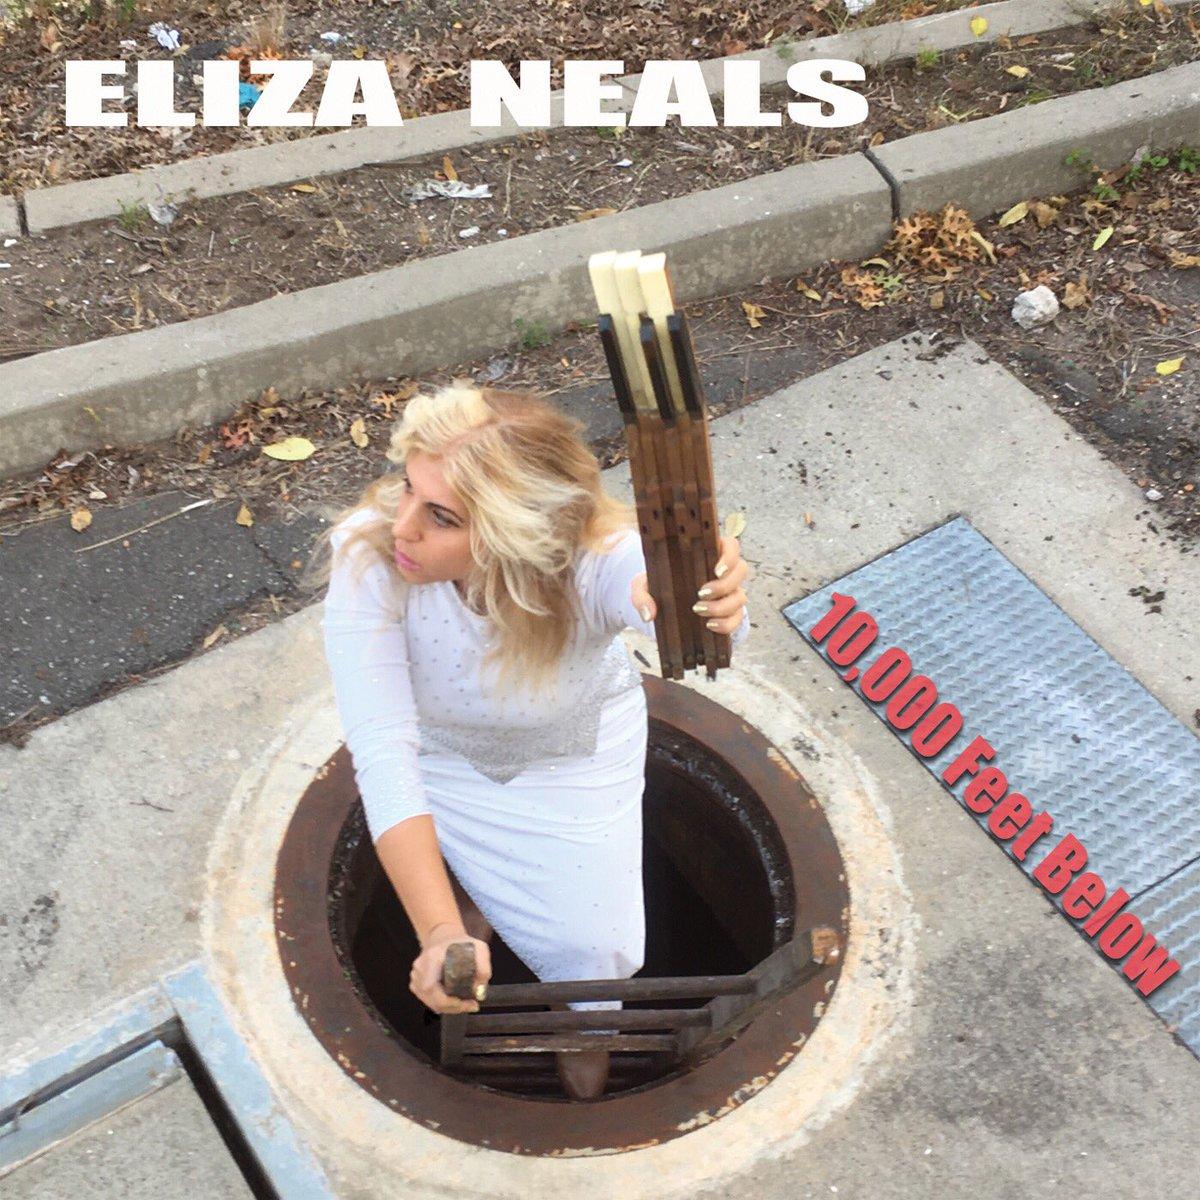 NEW ALBUM #10000FeetBelow Detroit's #ElizaNeals  #PressRelease #Music #BluesRock #RockBlues https://t.co/E7suMfBd2x https://t.co/sTYp1dFa8S